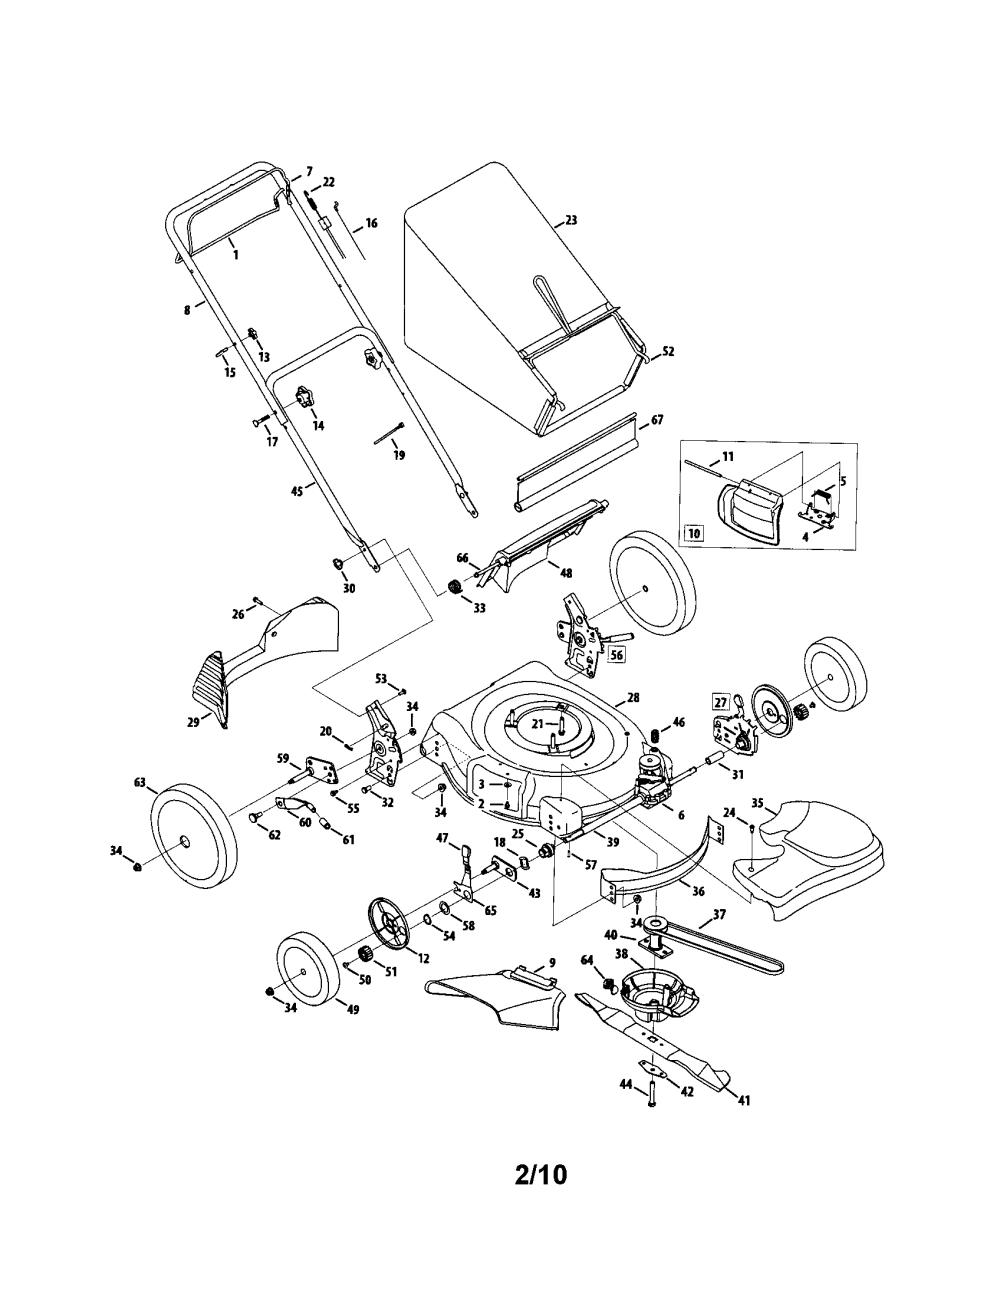 medium resolution of mtd mower diagram wiring diagrams mtd electrical schematic mtd model 560 mower walk behind lawnmower